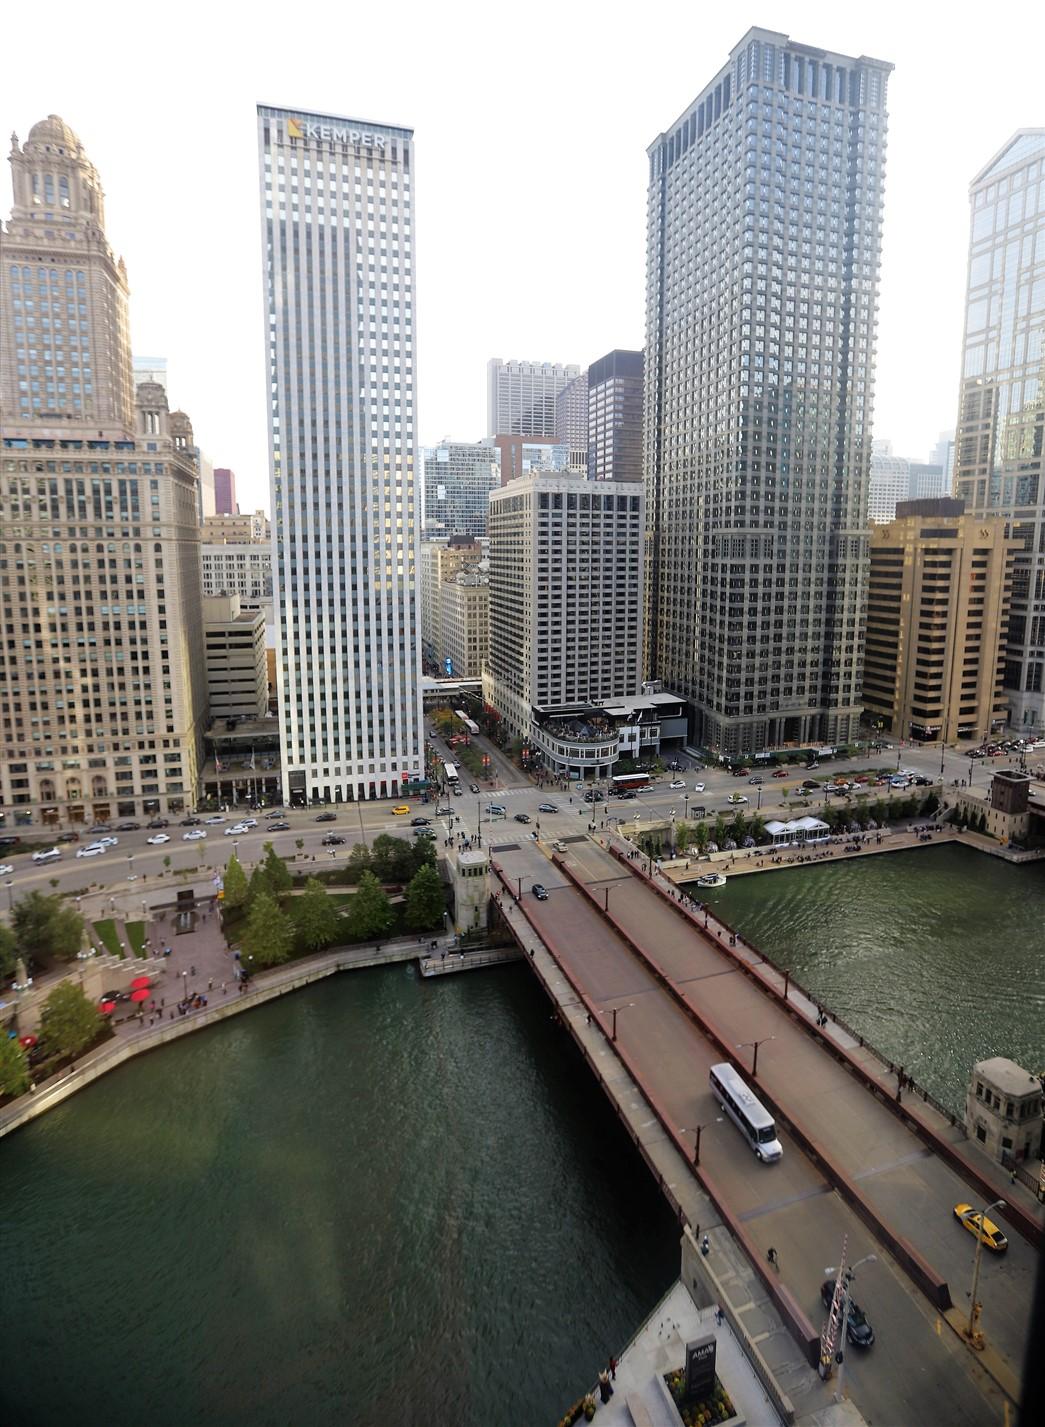 2018 10 13 316 Chicago Open House.jpg